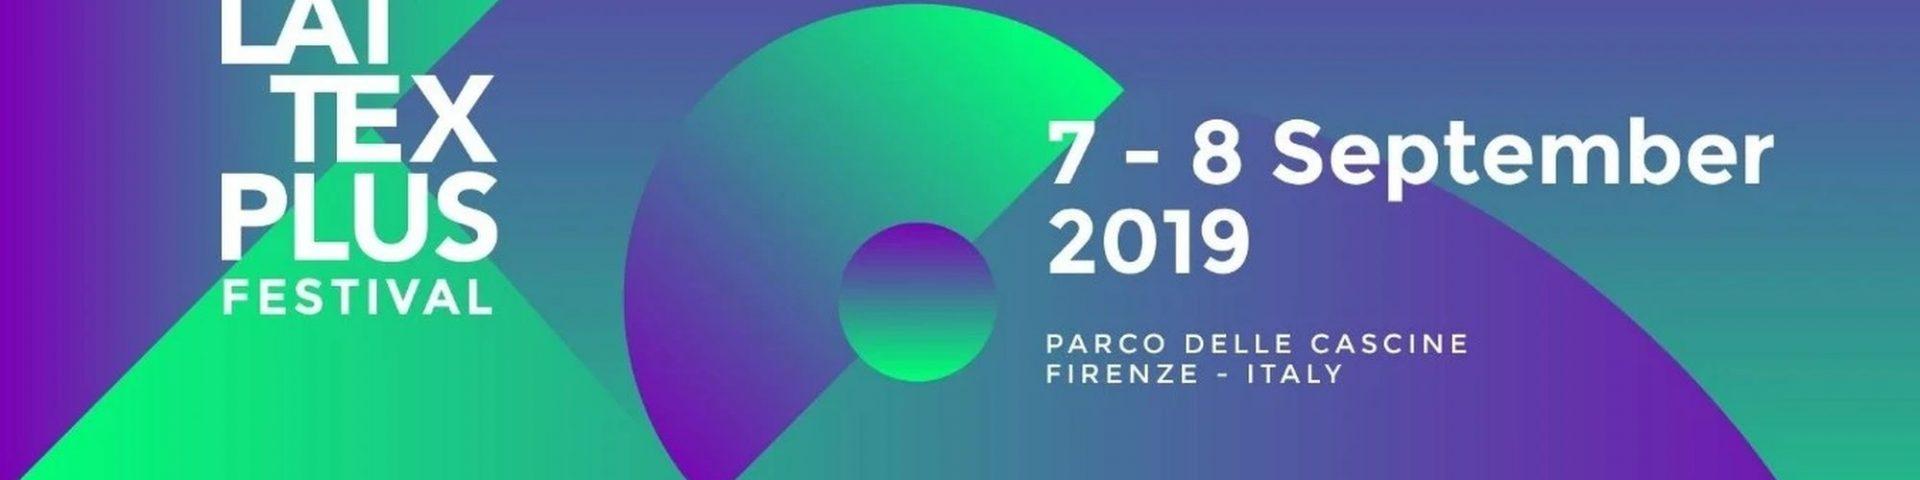 Lattexplus Festival a Firenze – 8 settembre 2019: biglietti, scaletta